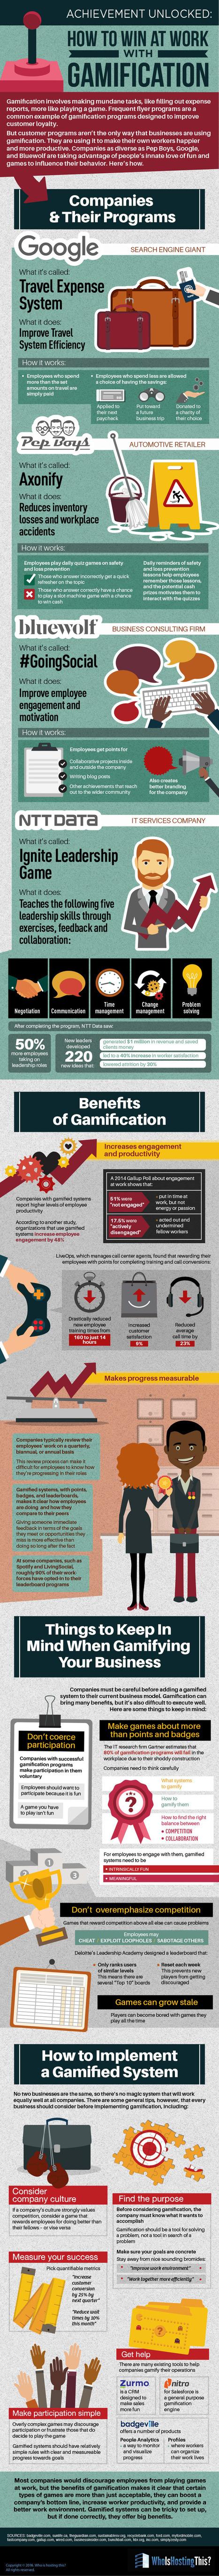 Cómo mejorar en el trabajo con Gamificación #infografia #infographic #rrhh   Sonina Darder   Scoop.it